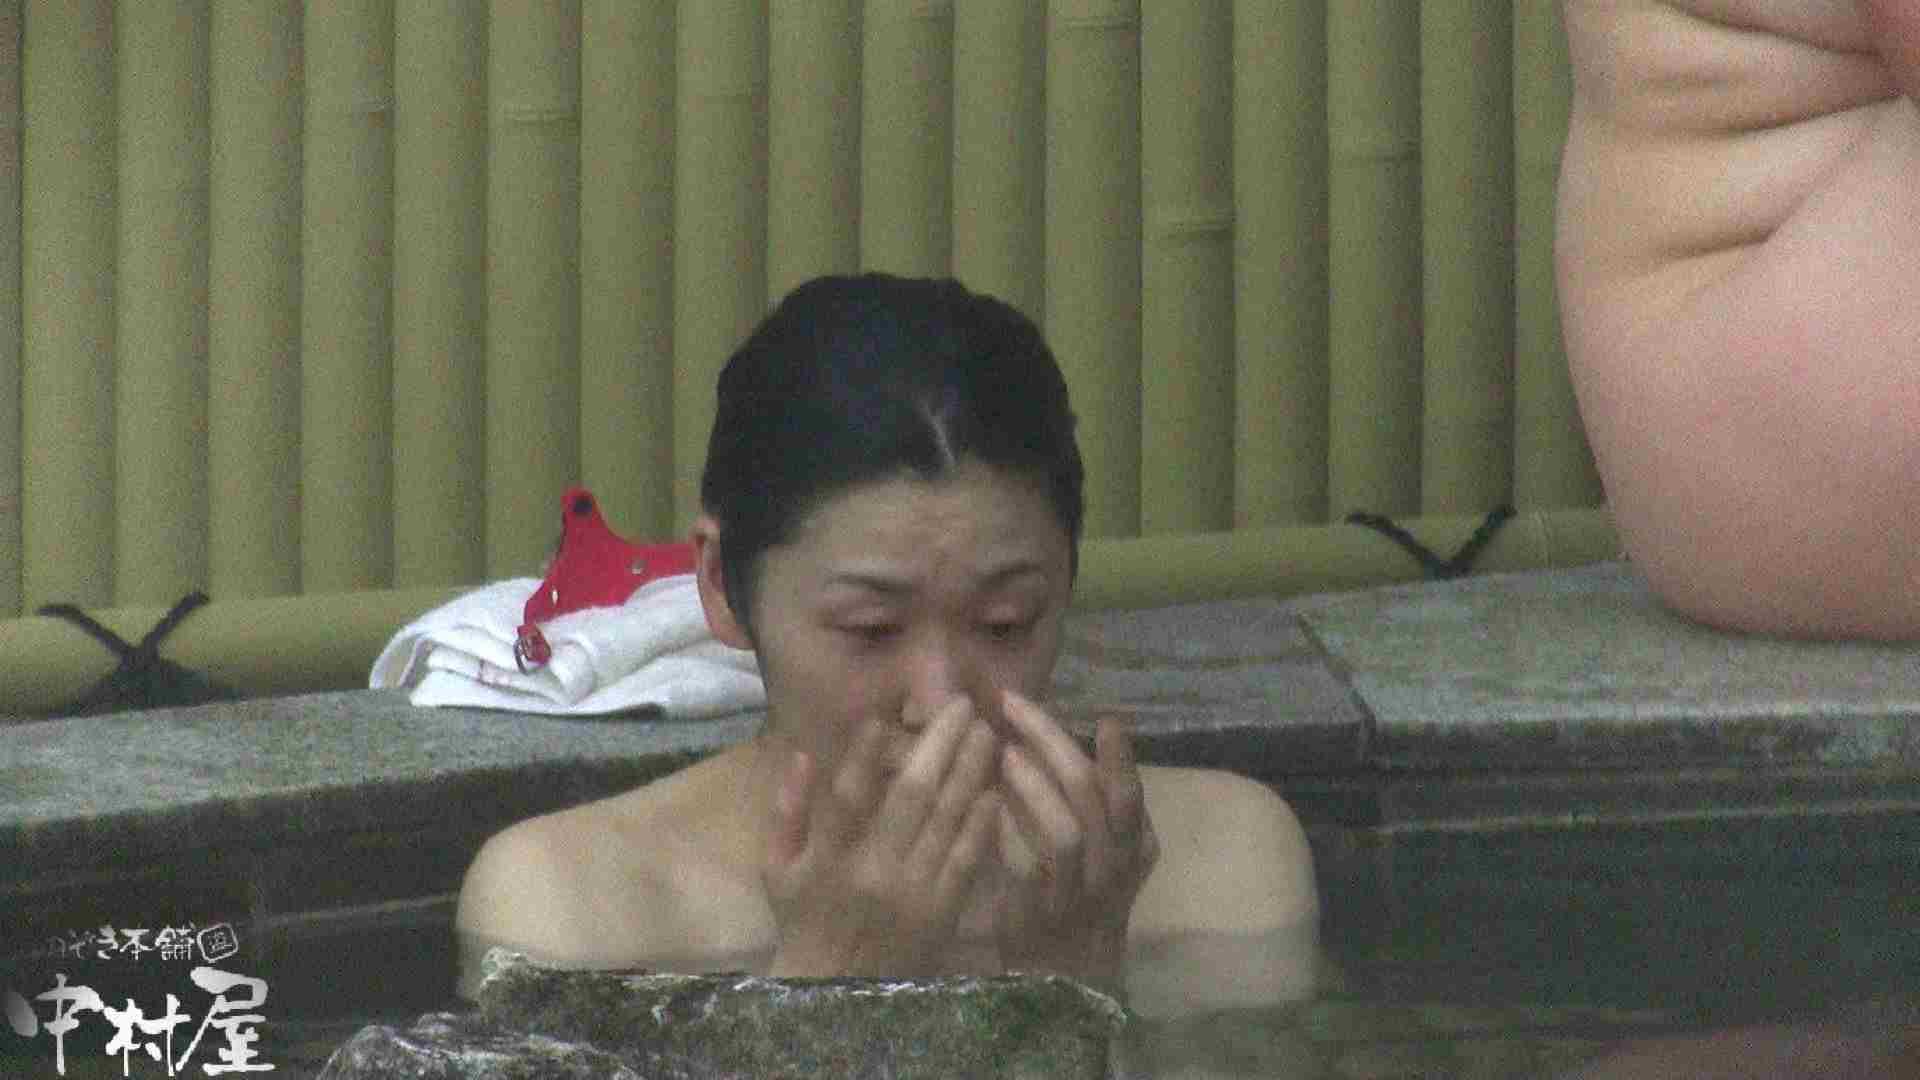 Aquaな露天風呂Vol.917 盗撮シリーズ  108PIX 36